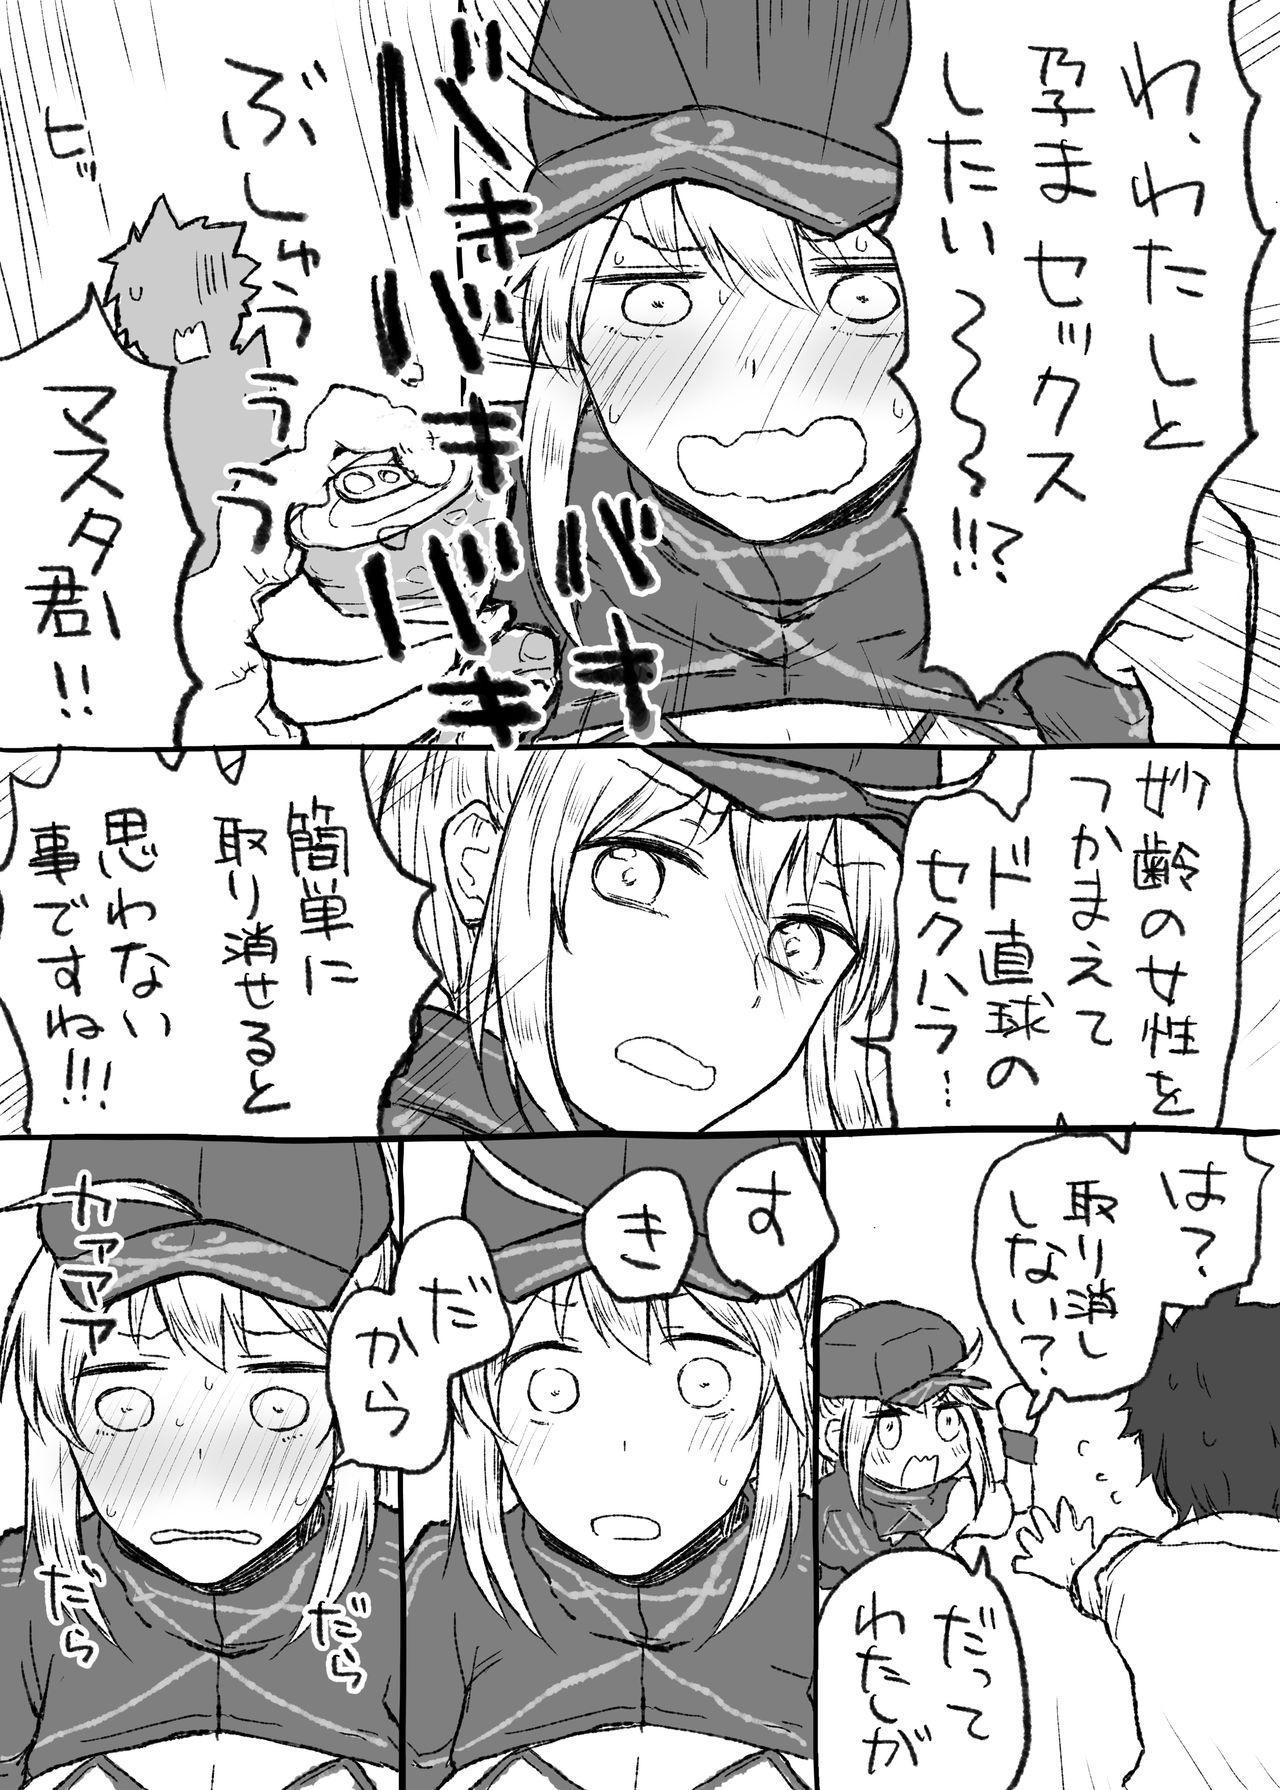 Uchi no Servant ni Haramasex shitaitte Itte mita 45